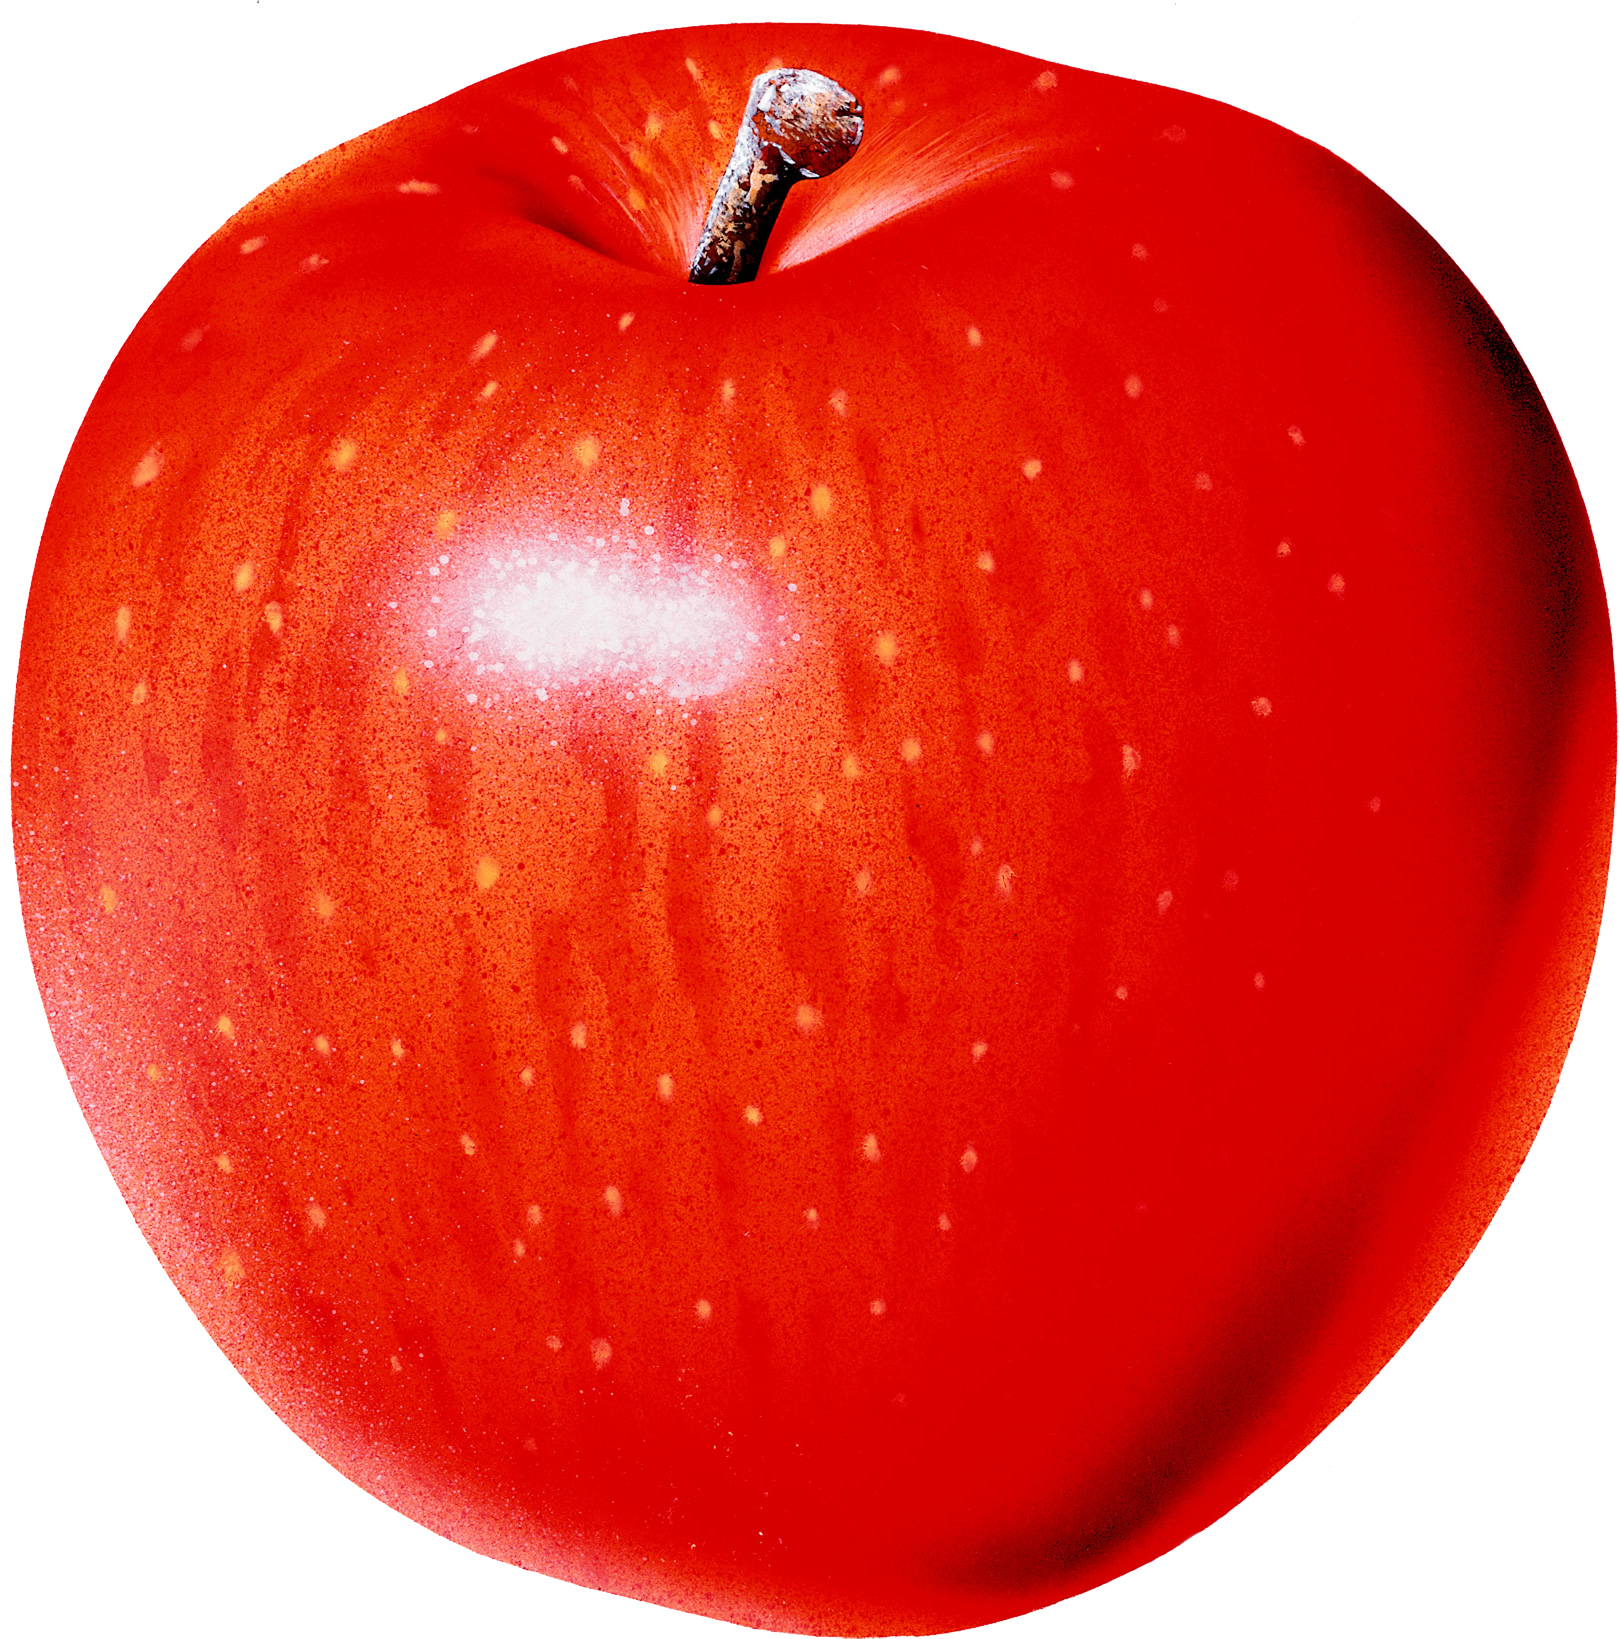 Красное яблоко, обои для рабочего стола